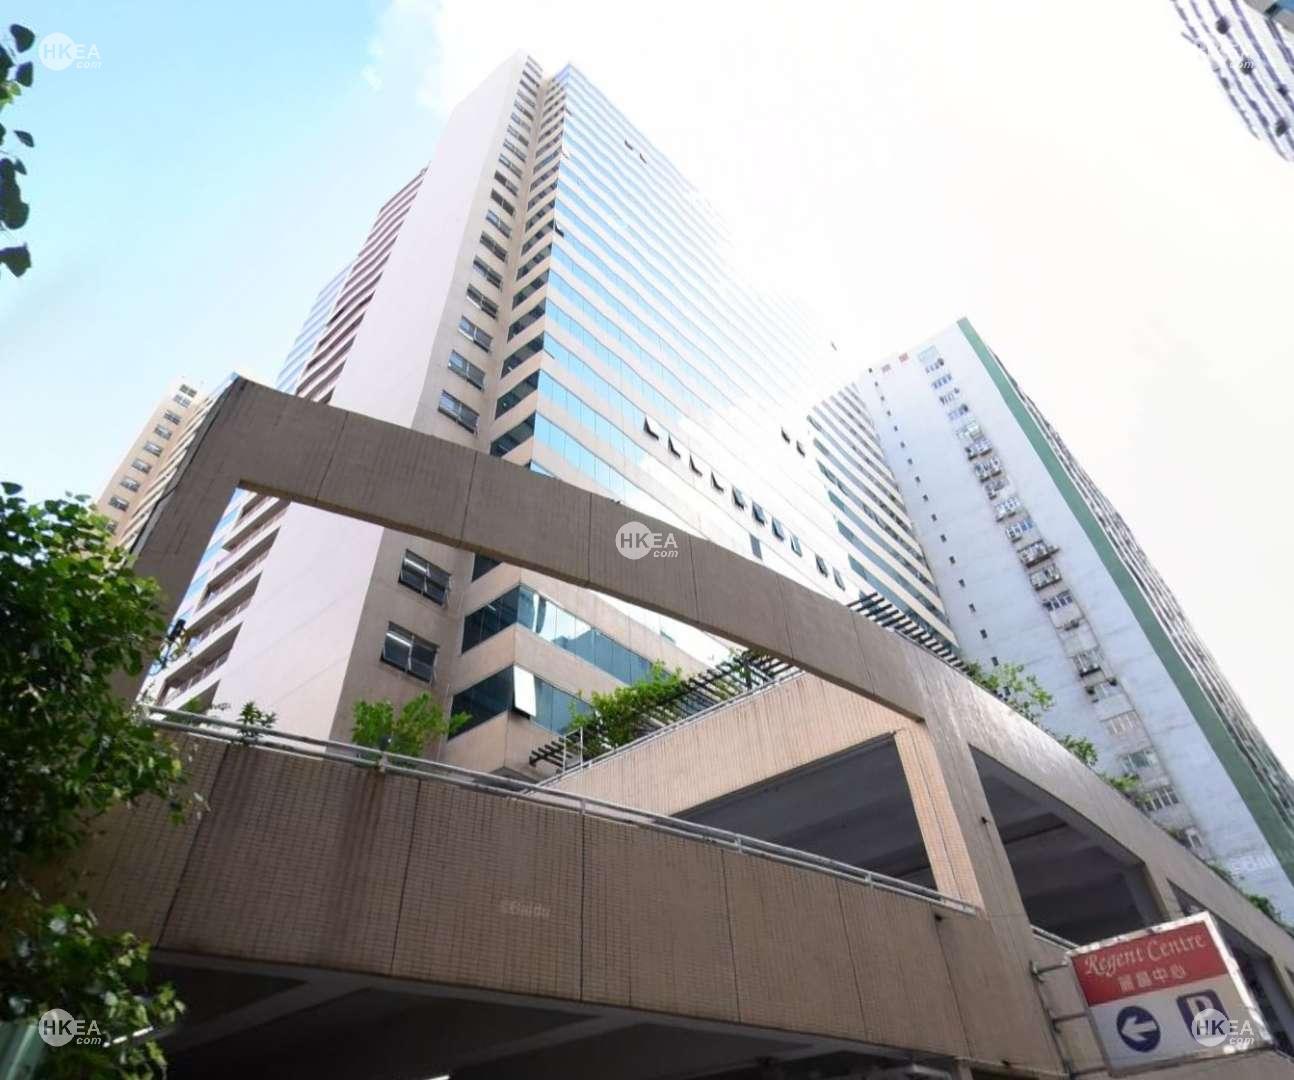 葵涌|工商舖|麗晶中心|和宜合道 63-73號